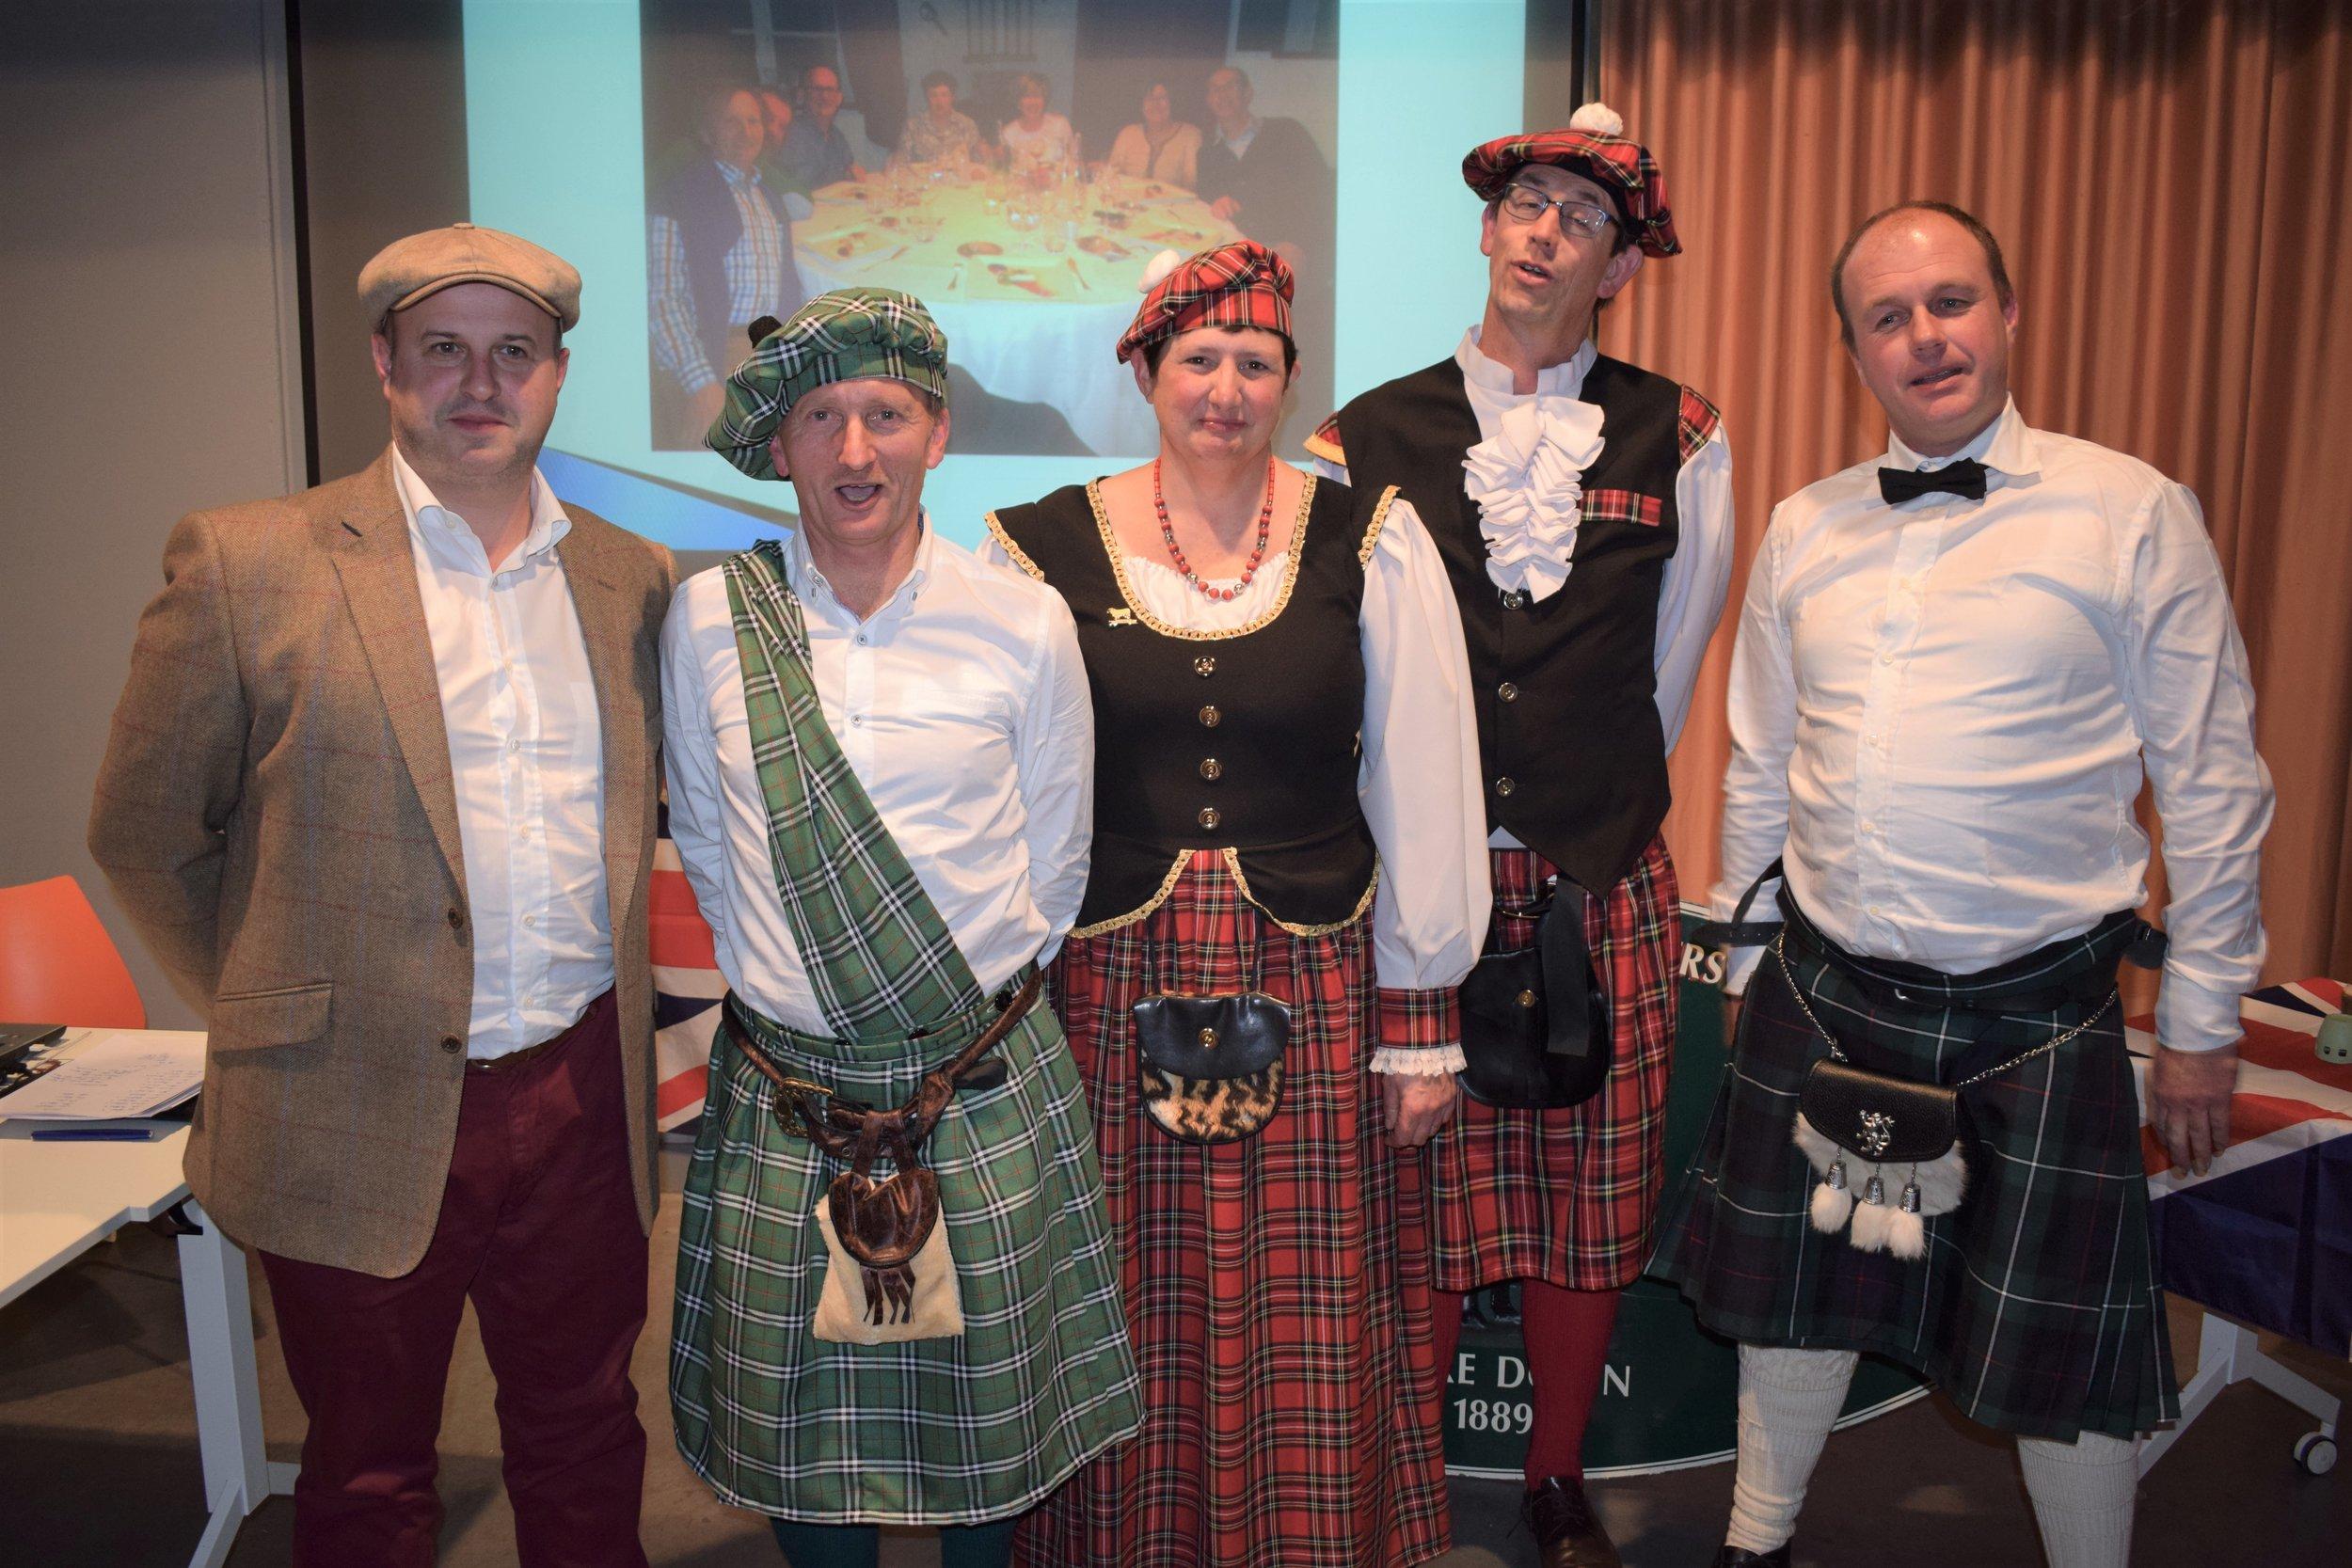 Left to Right: Reserve Champion Peter Ballekens, Rik Tanghe, Els Destrebecq, Champion Matias Vanden Bussche, Best Homebred Lambs Klaus Soenen